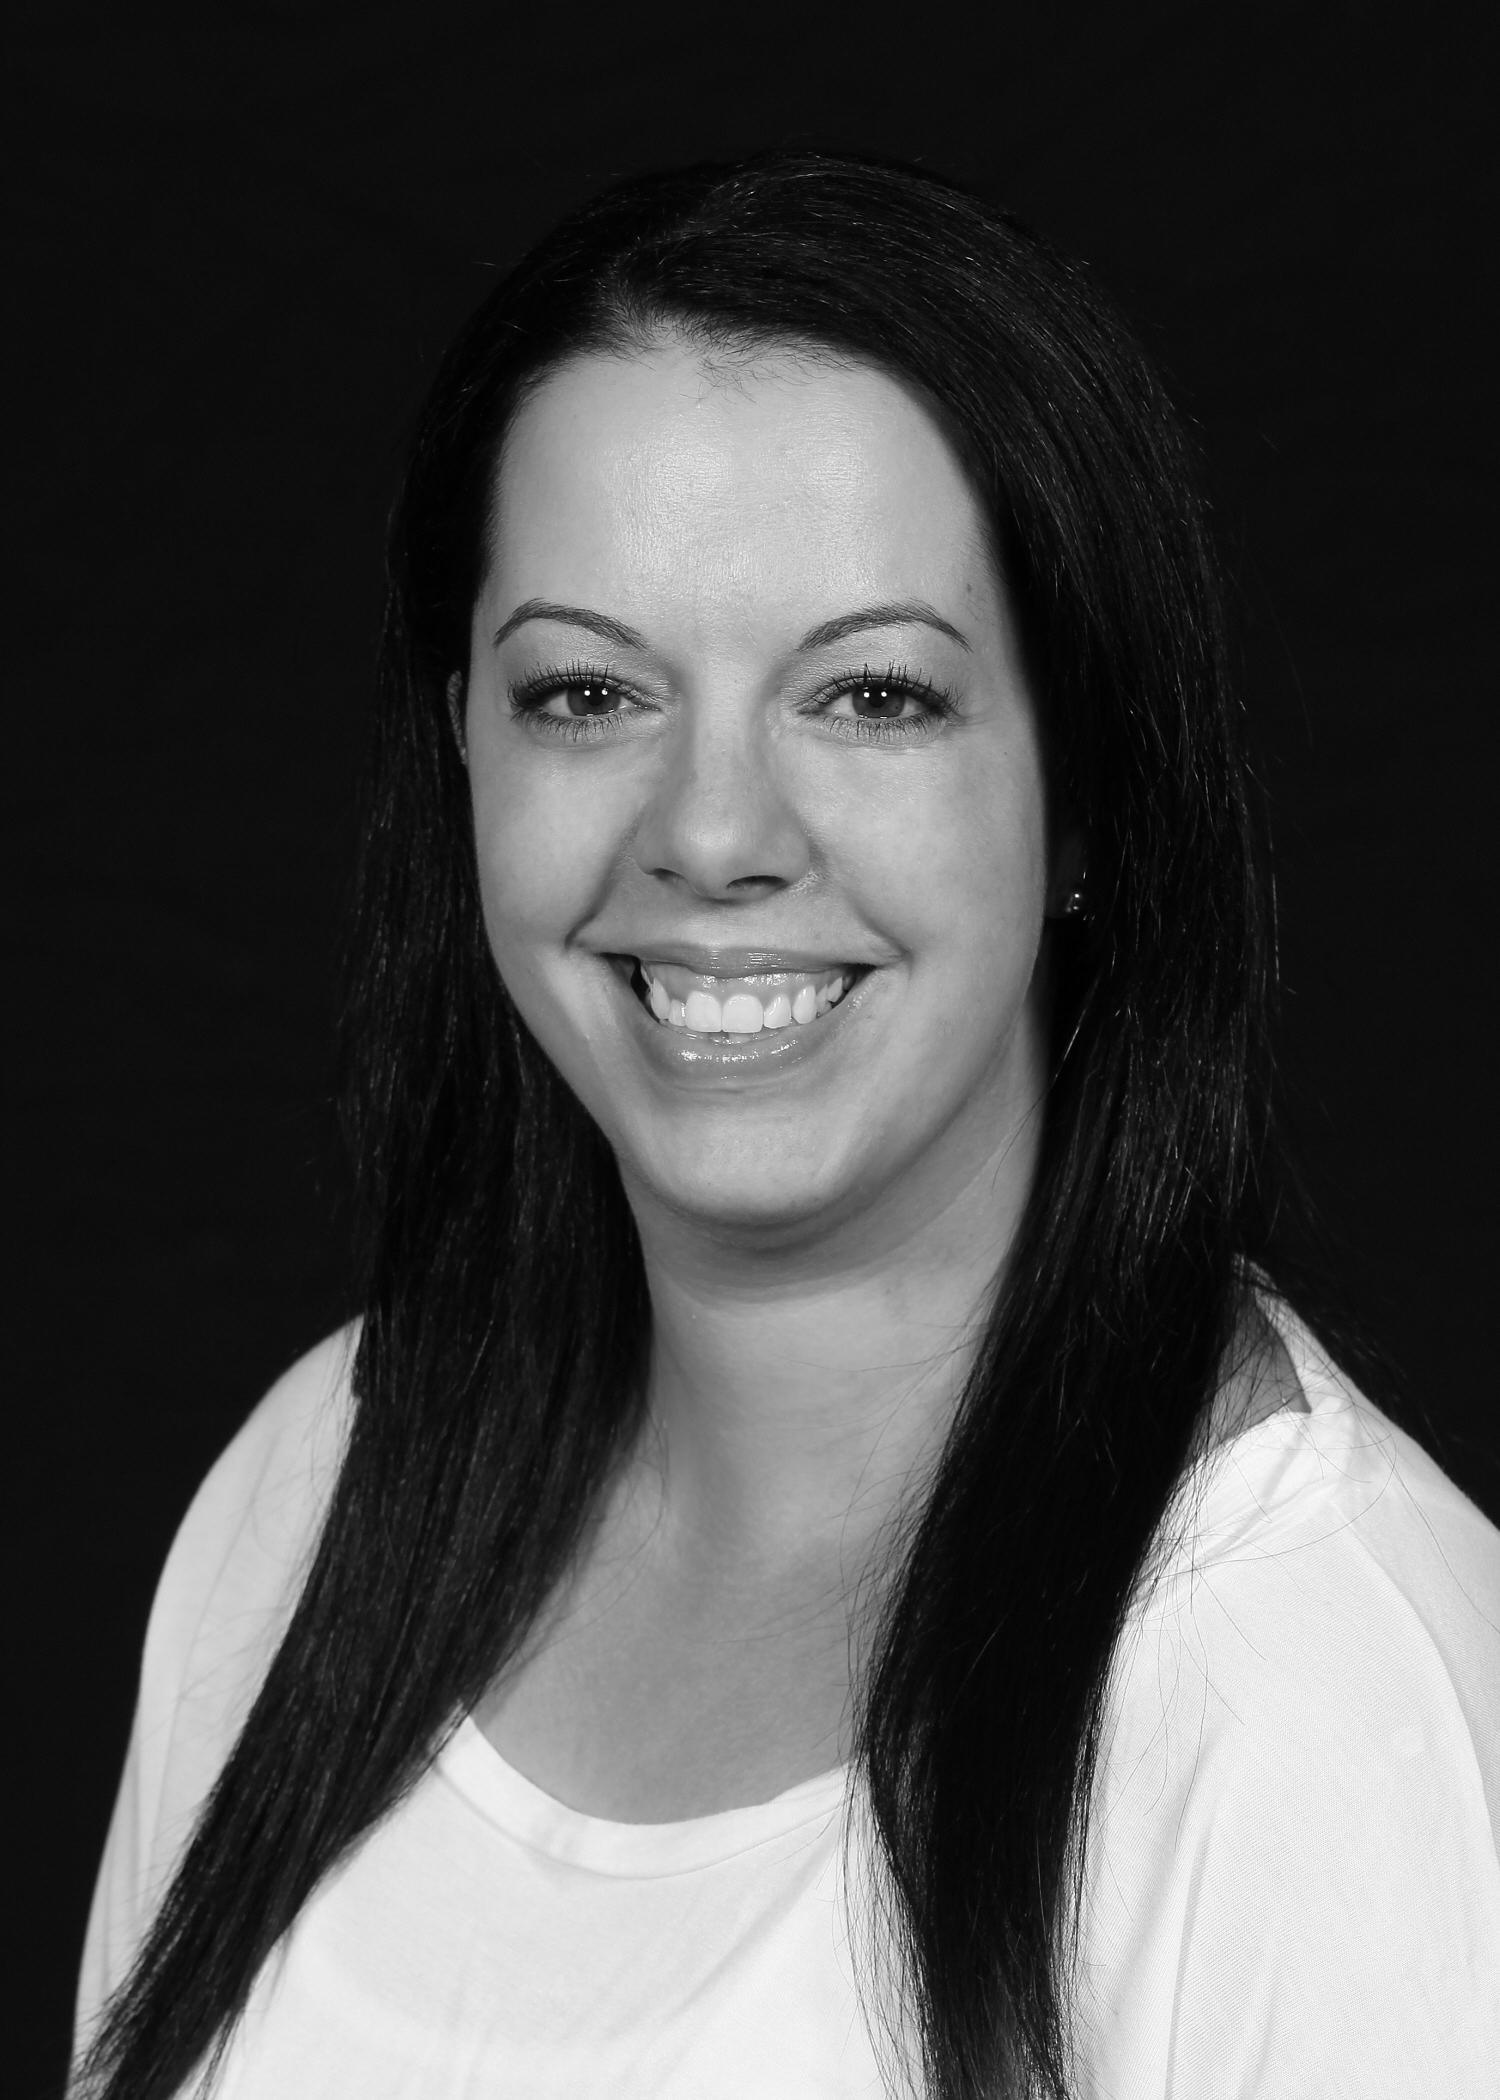 Stephanie Santoro